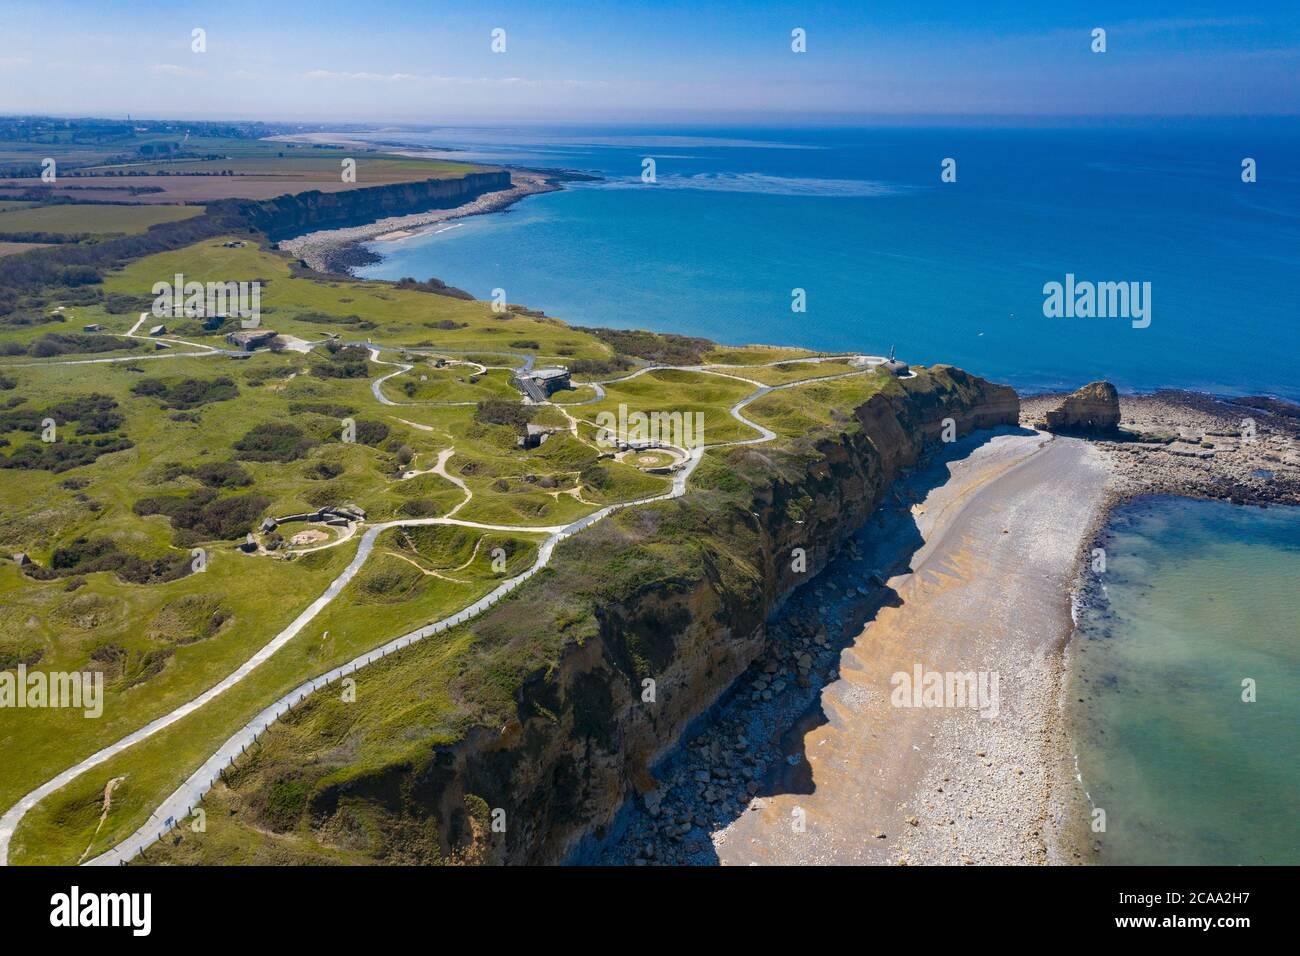 Vista aerea di Pointe du Hoc sulla costa della Normandia, famoso sito della seconda guerra mondiale Foto Stock